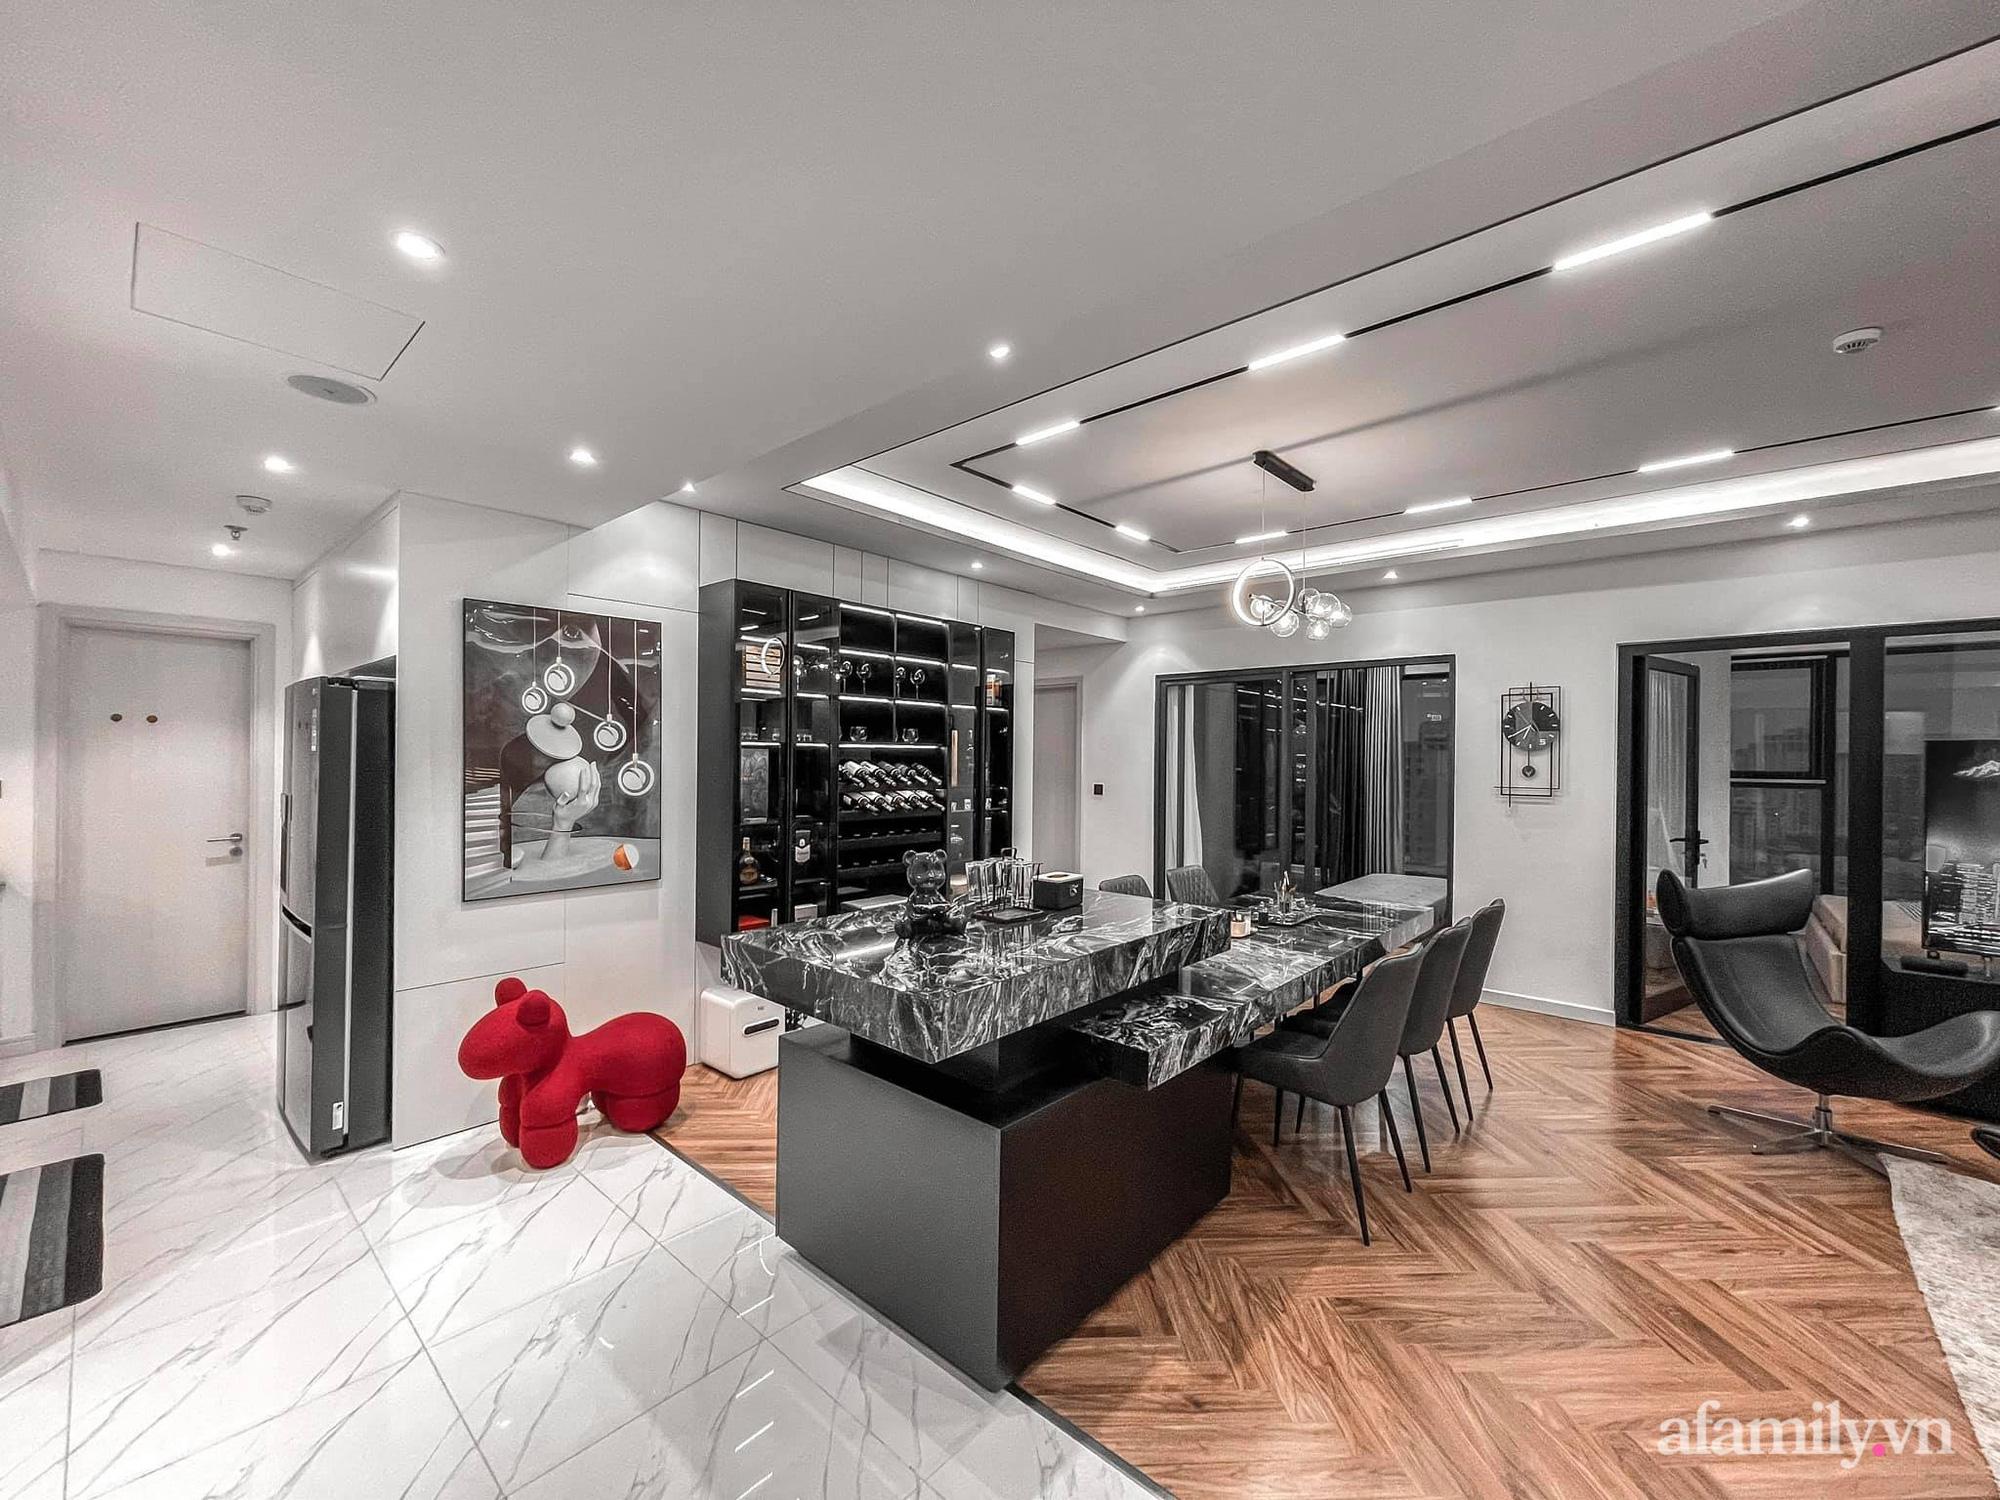 Căn hộ 125m² với gam màu tối cực chất của cặp vợ chồng yêu thời trang ở Hà Nội - Ảnh 12.